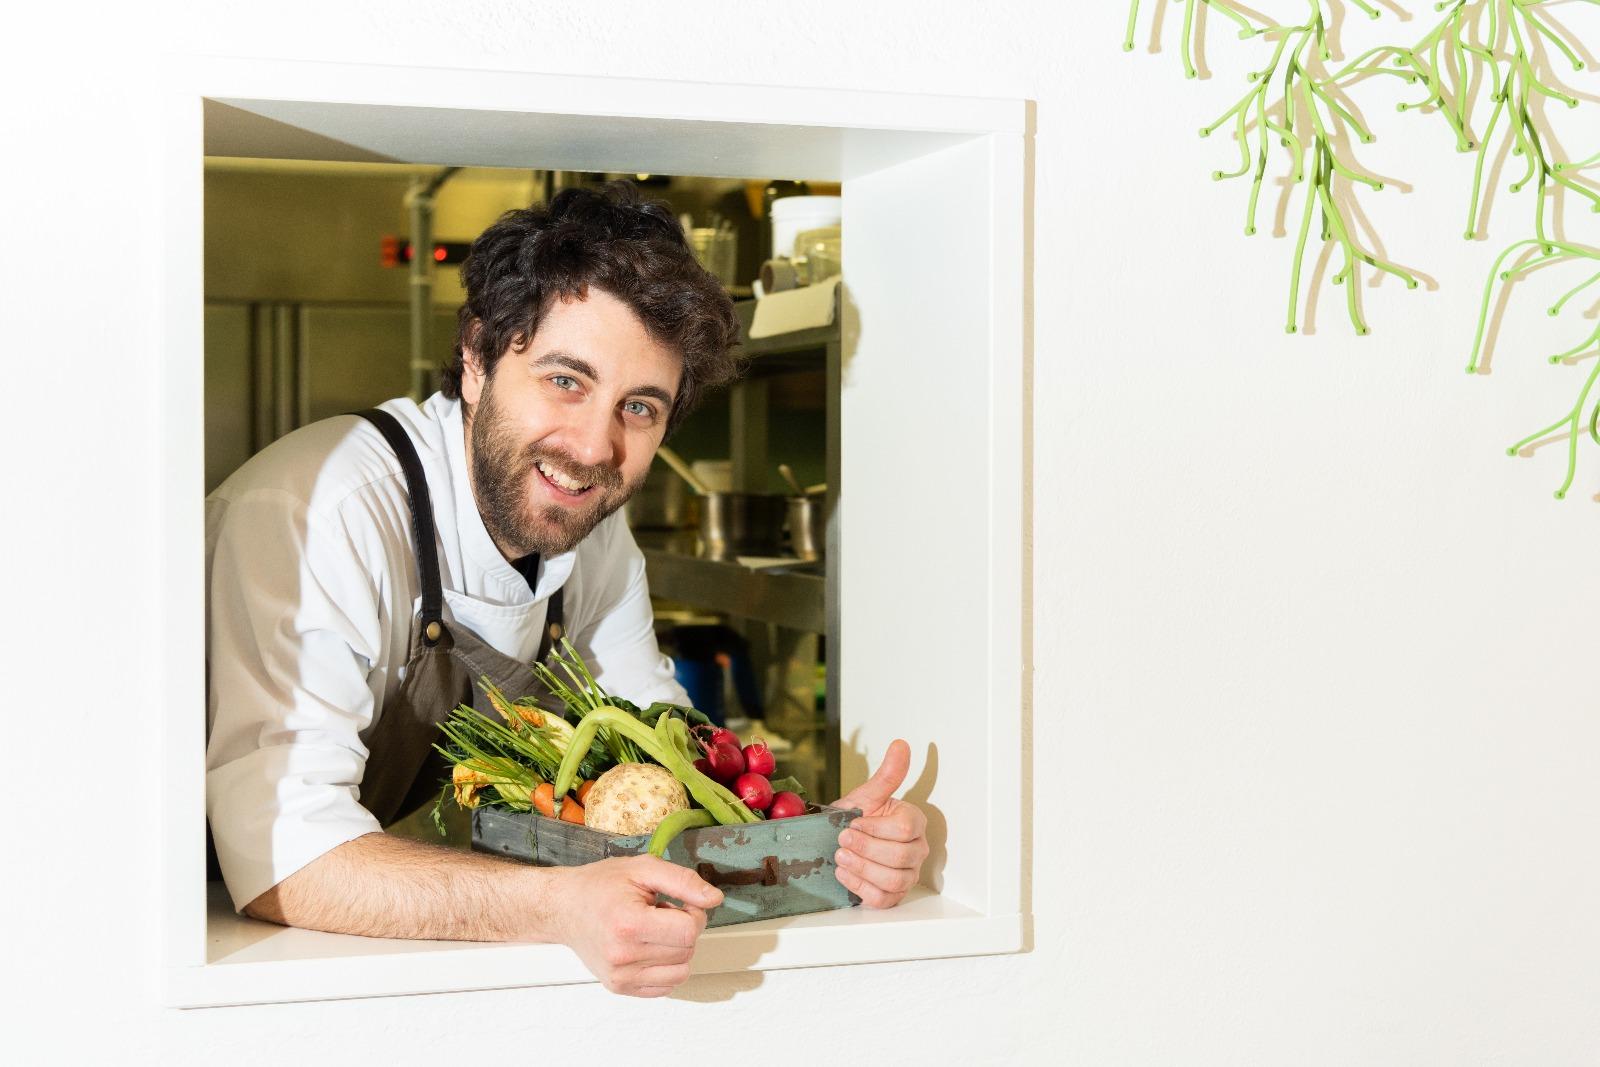 Intervista a Riccardo Escalante, chef del ristorante Flora a Busto Arsizio Urbanpost